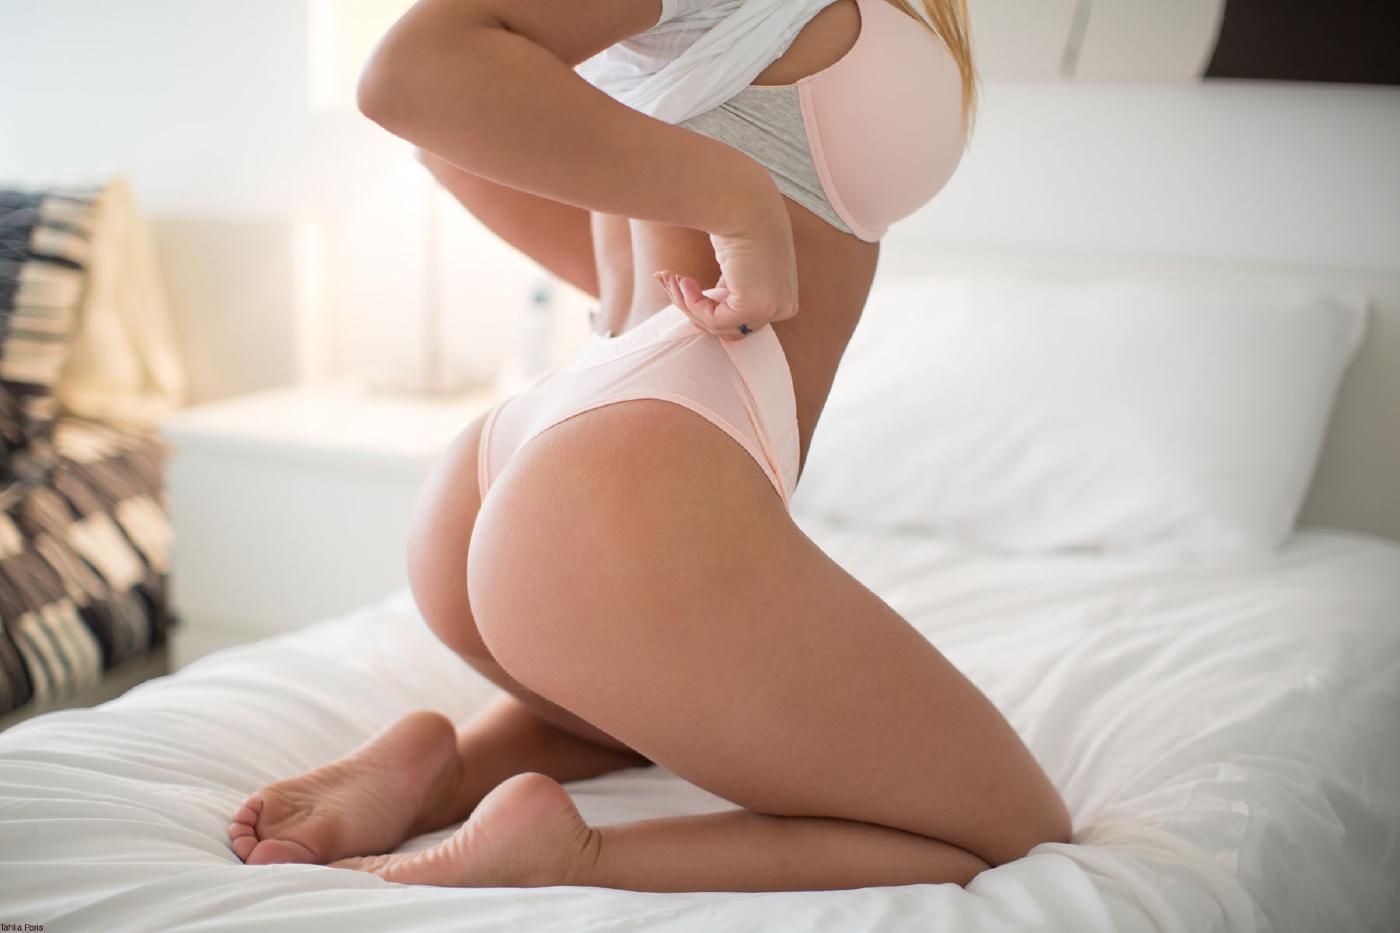 Thalia Paris Nude Bedroom Onlyfans Set Leaked Nzceev